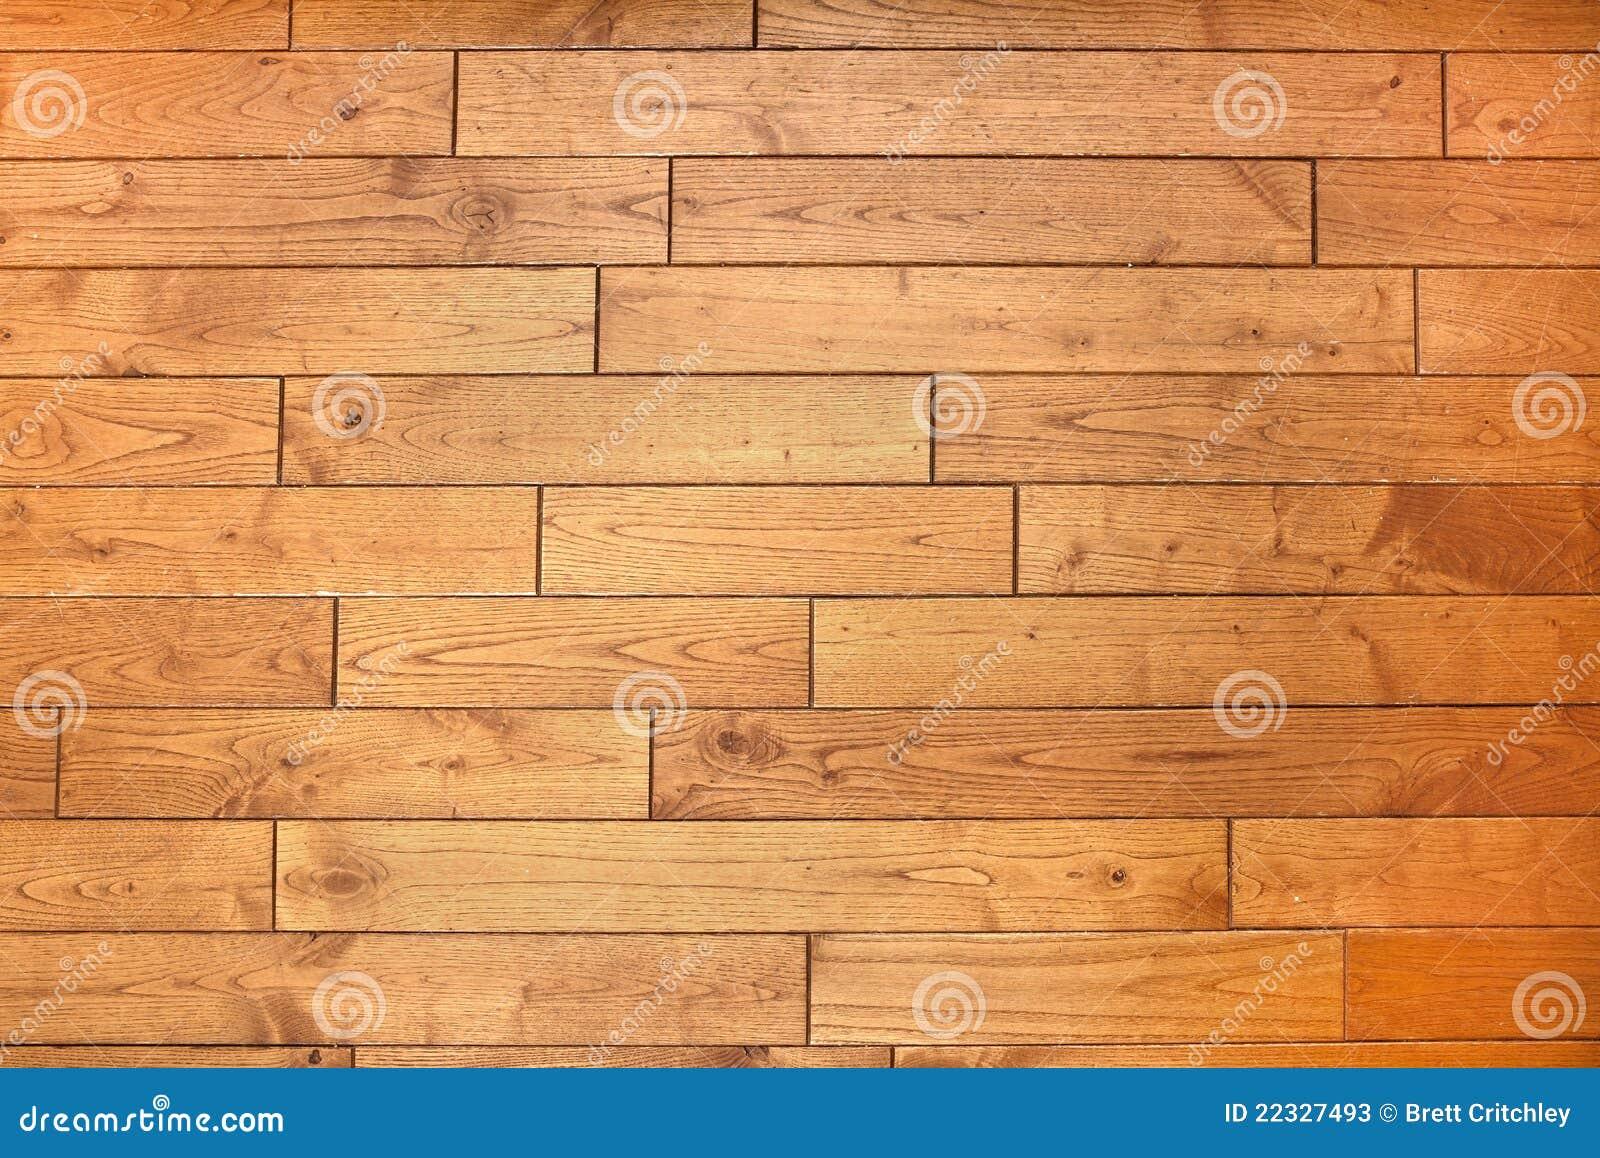 Wooden floor flooring